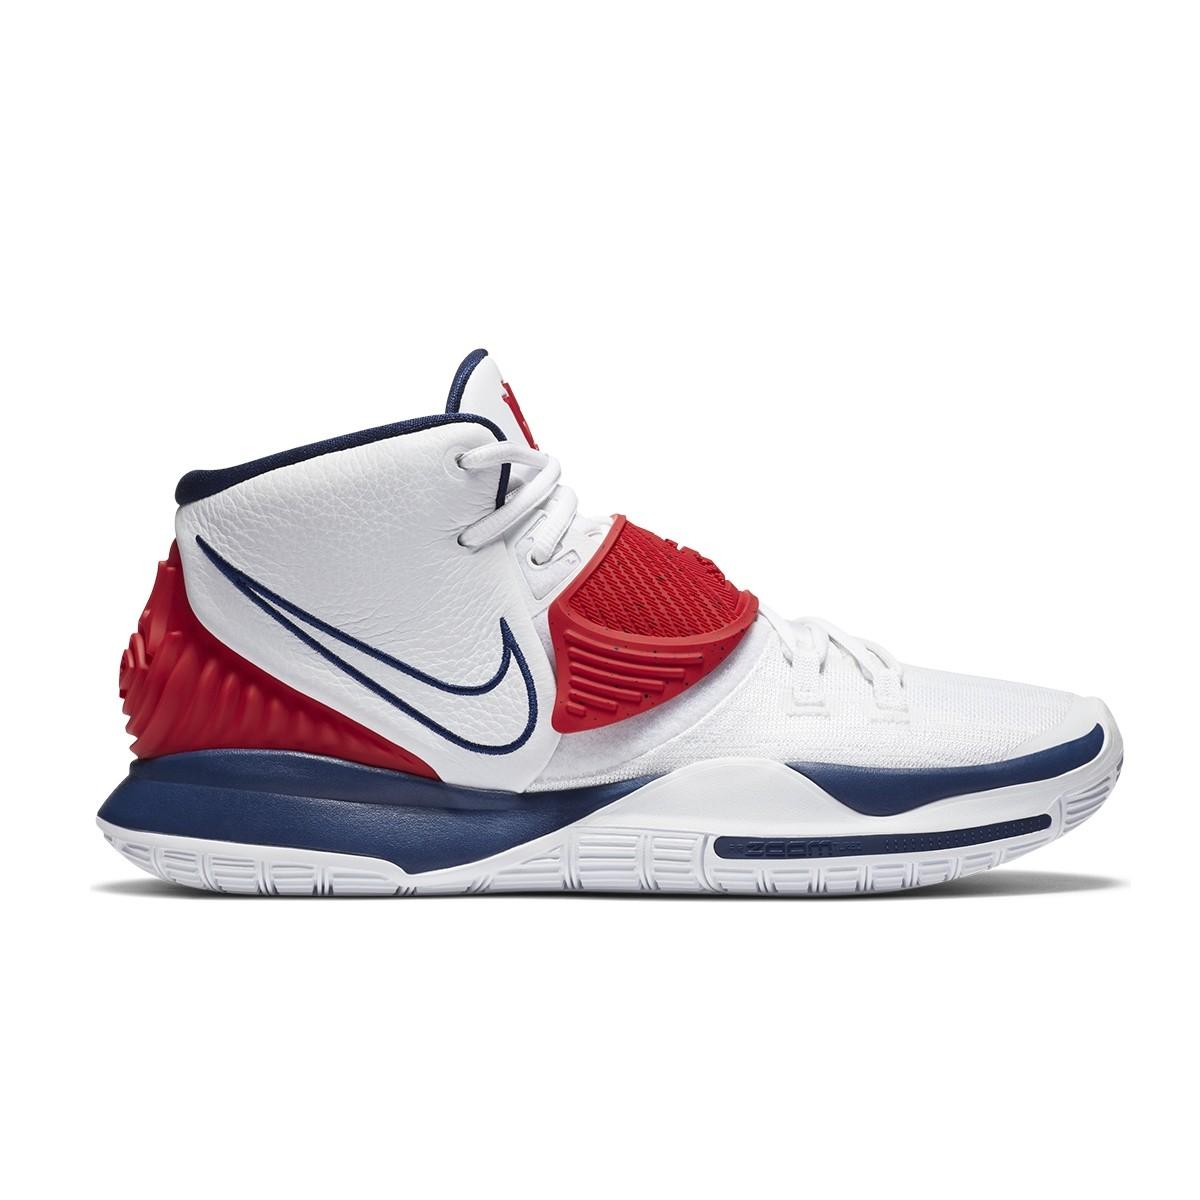 Nike Kyrie 6 'USA Team'